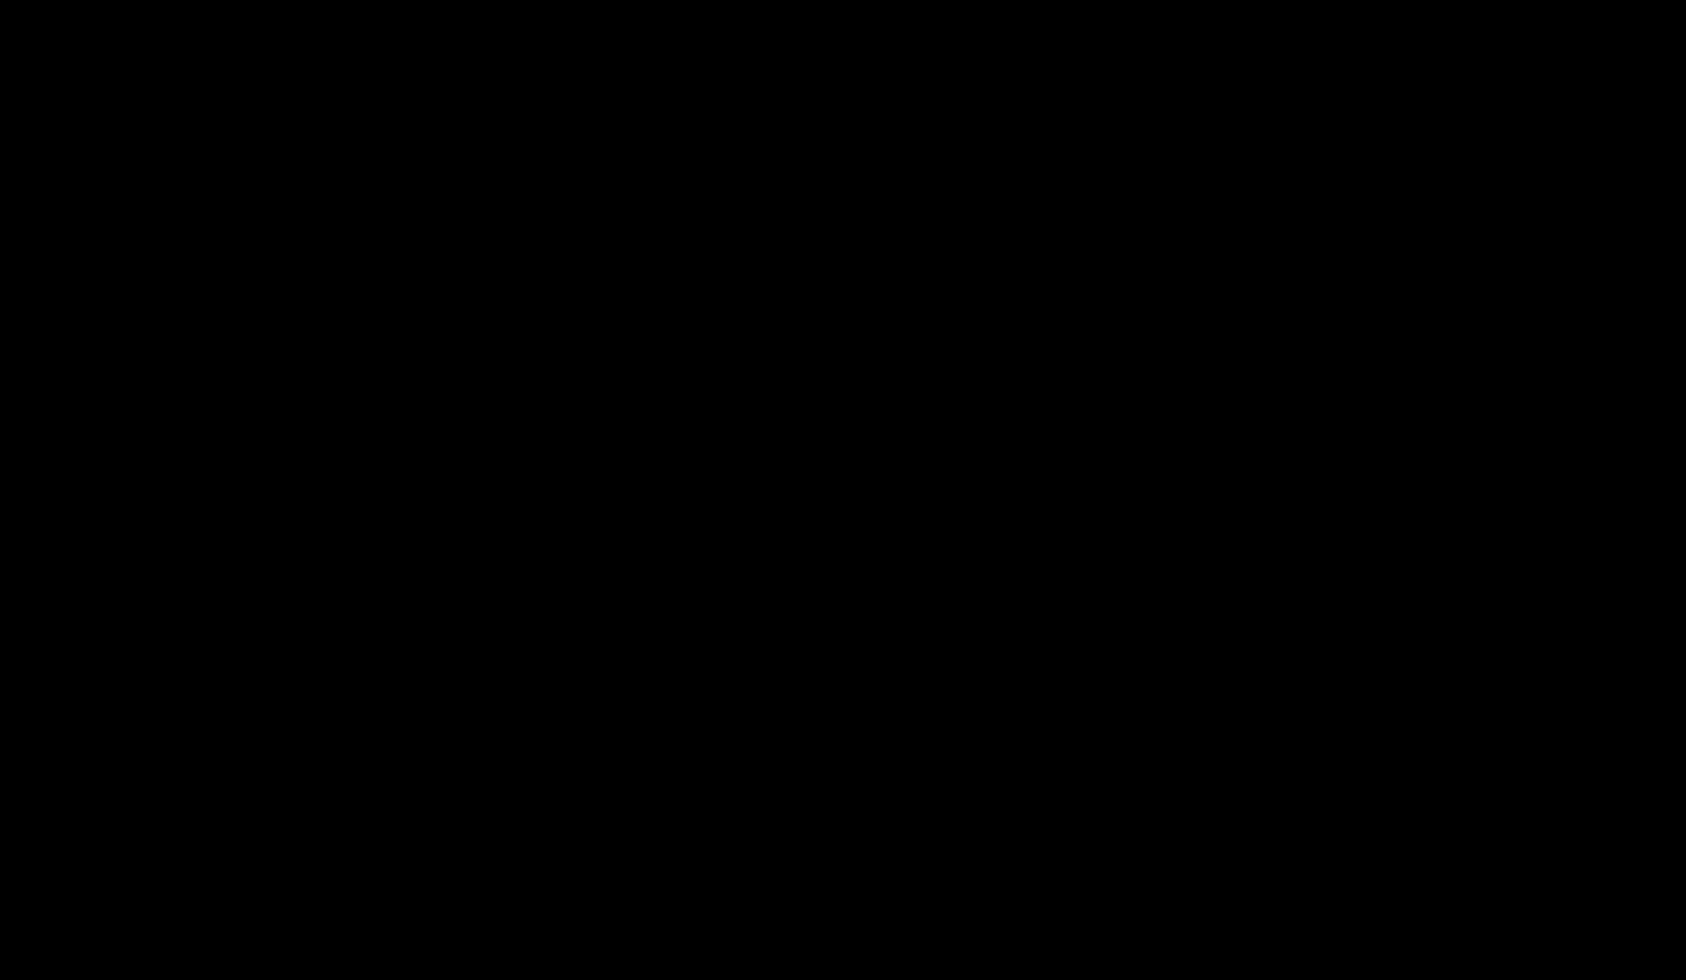 bosquejo de la bandera de la cinta png